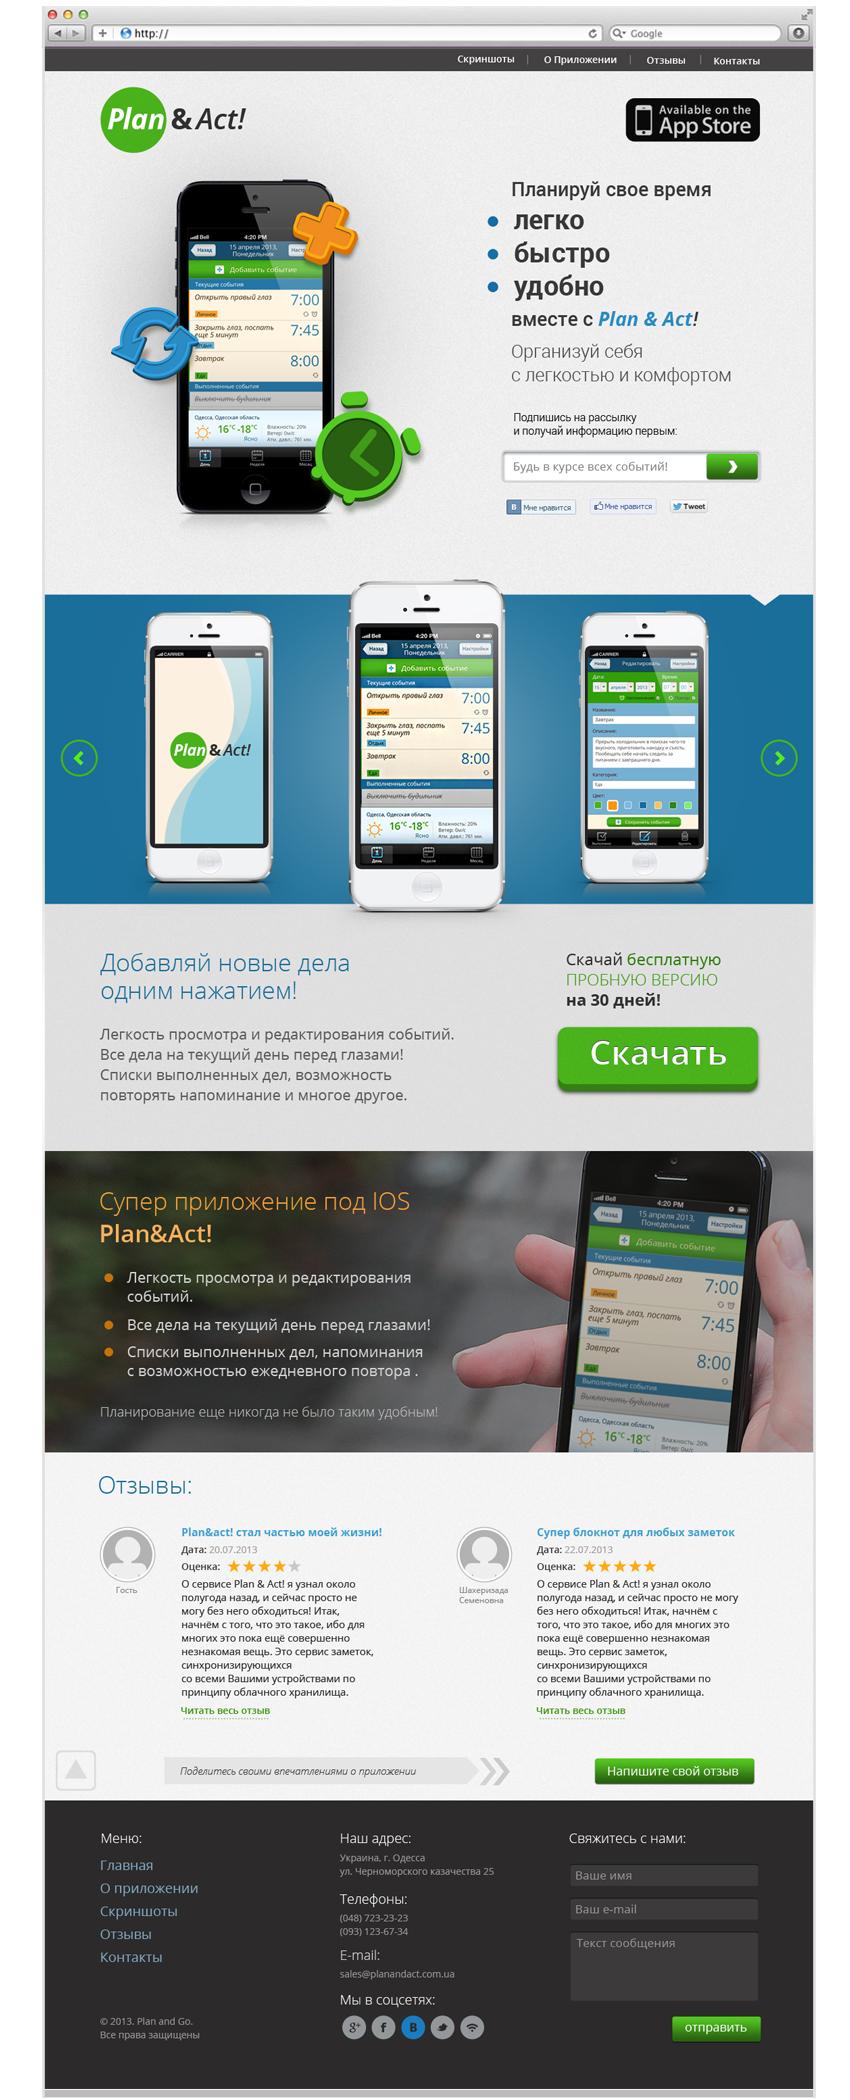 Промо сайт для приложения Plan&Act. Таск-менеджер под IOS.